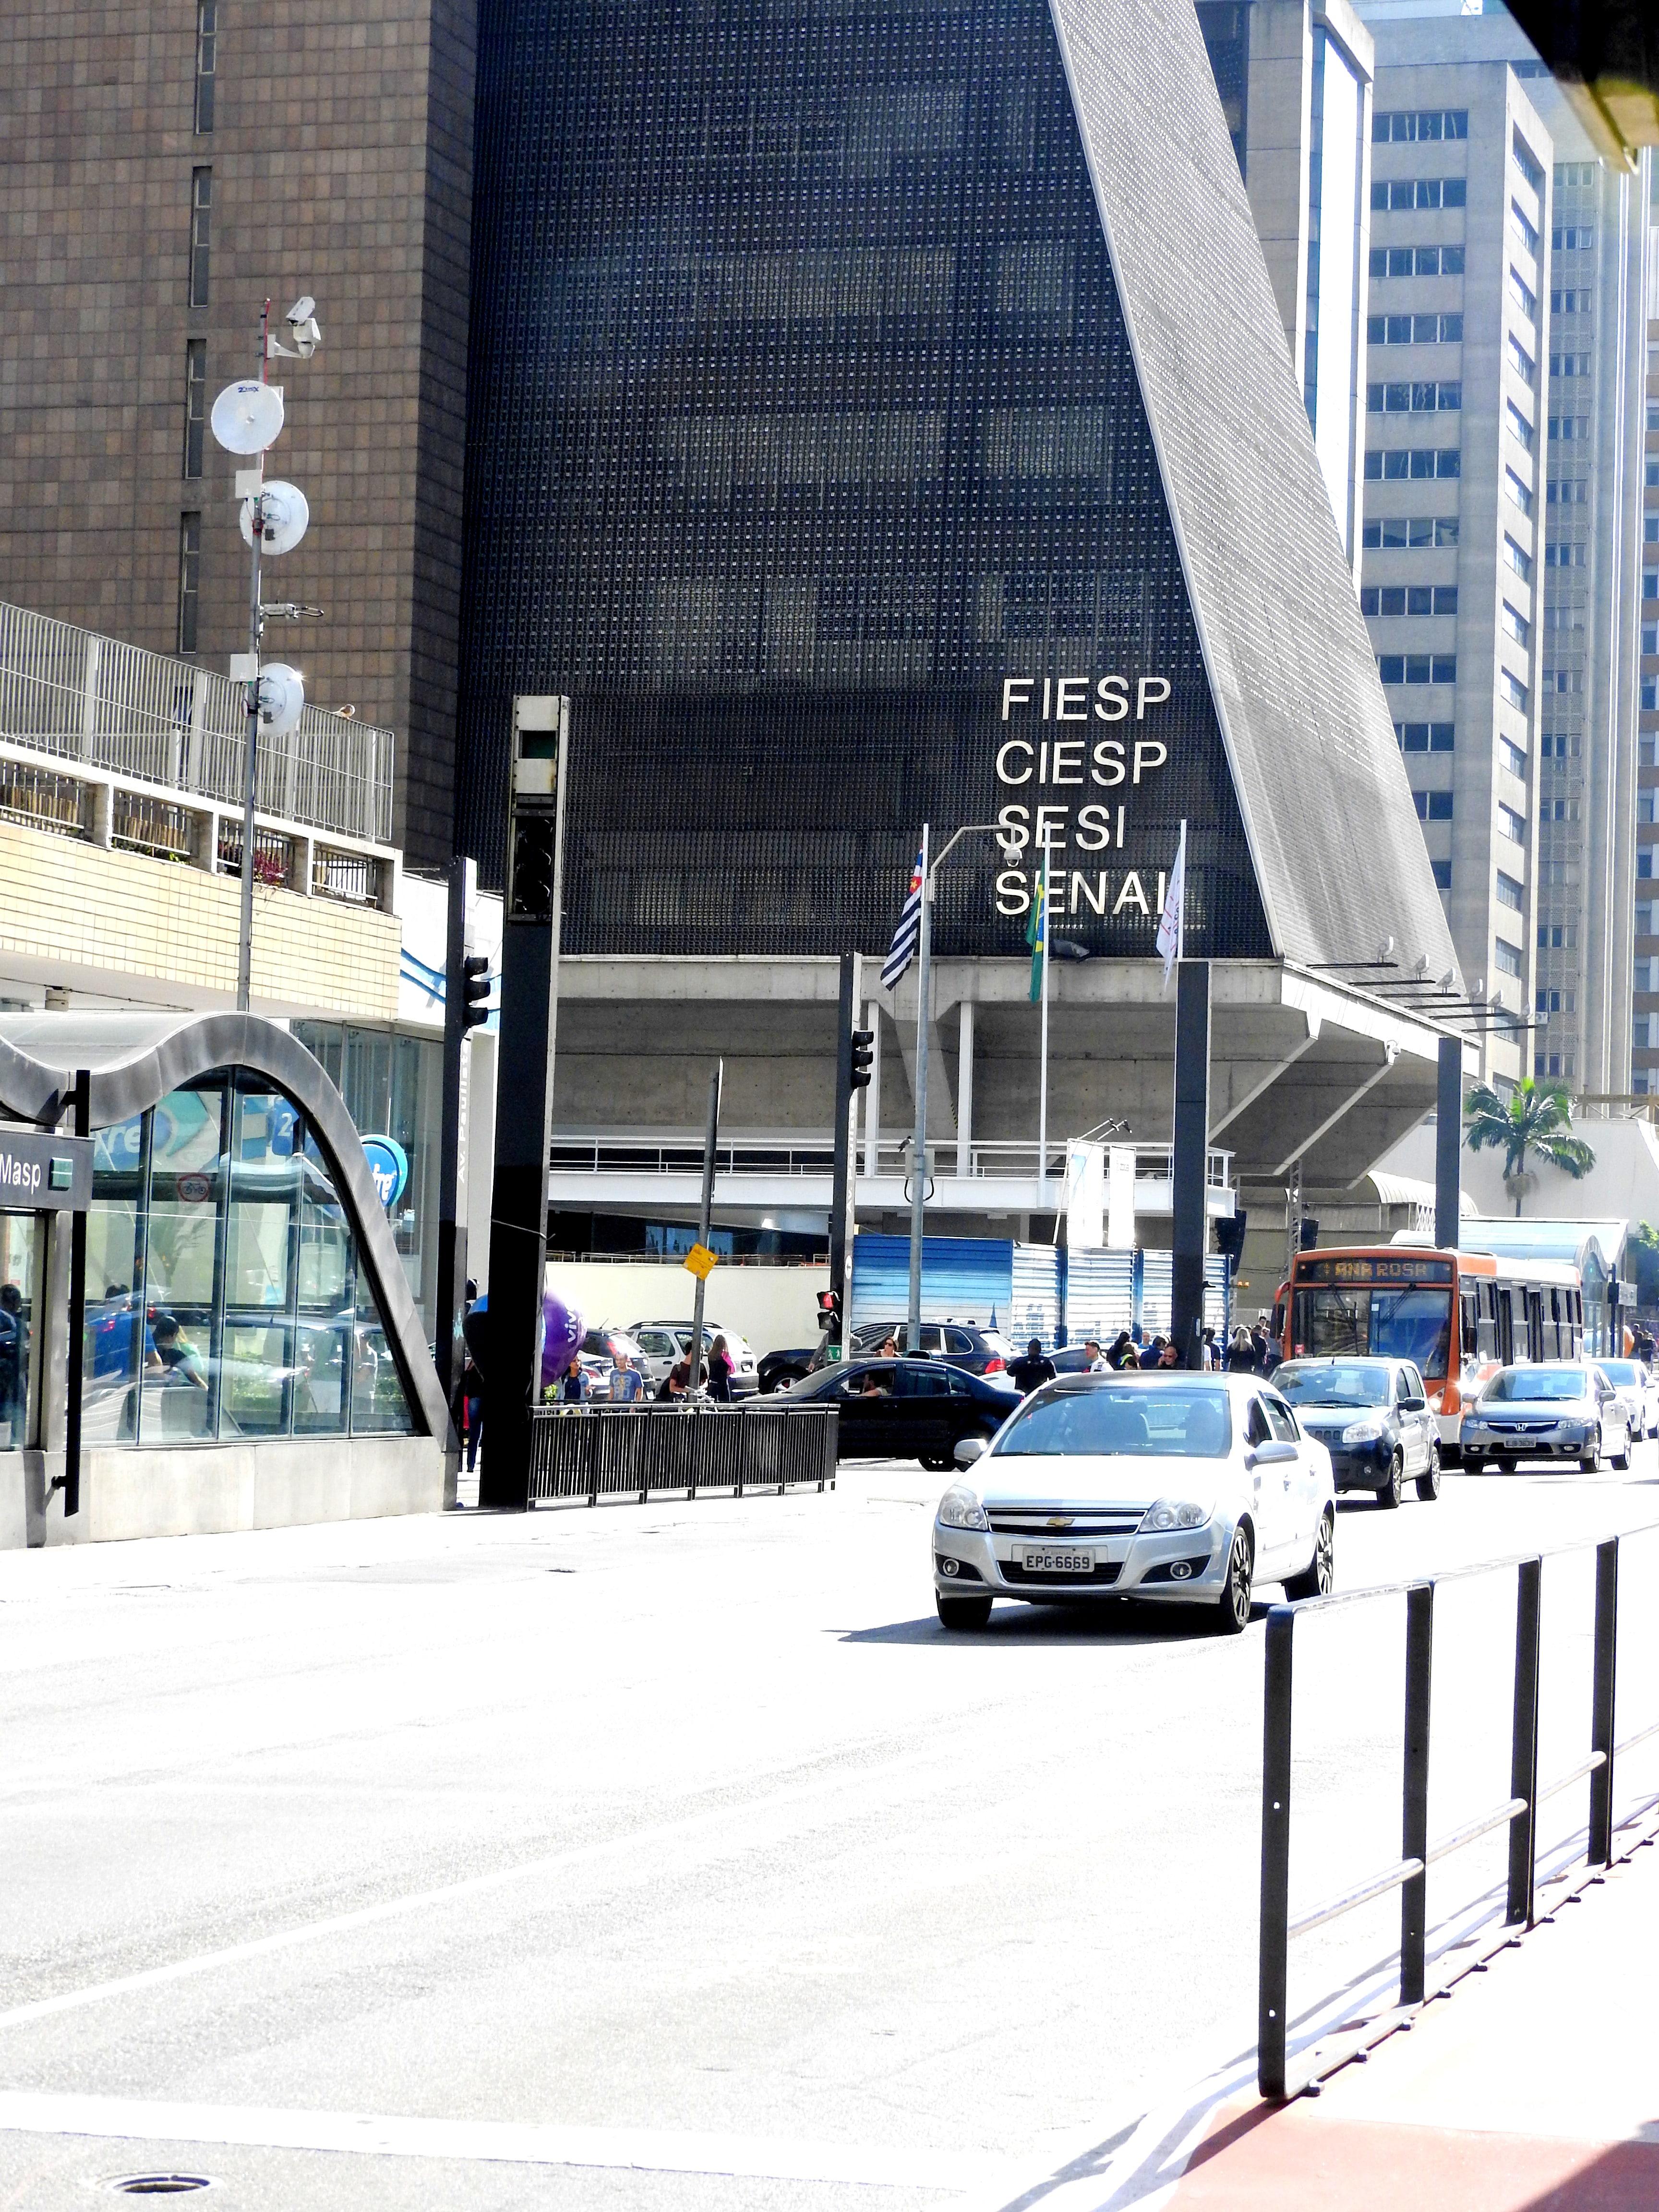 Dicas de São Paulo Brasil